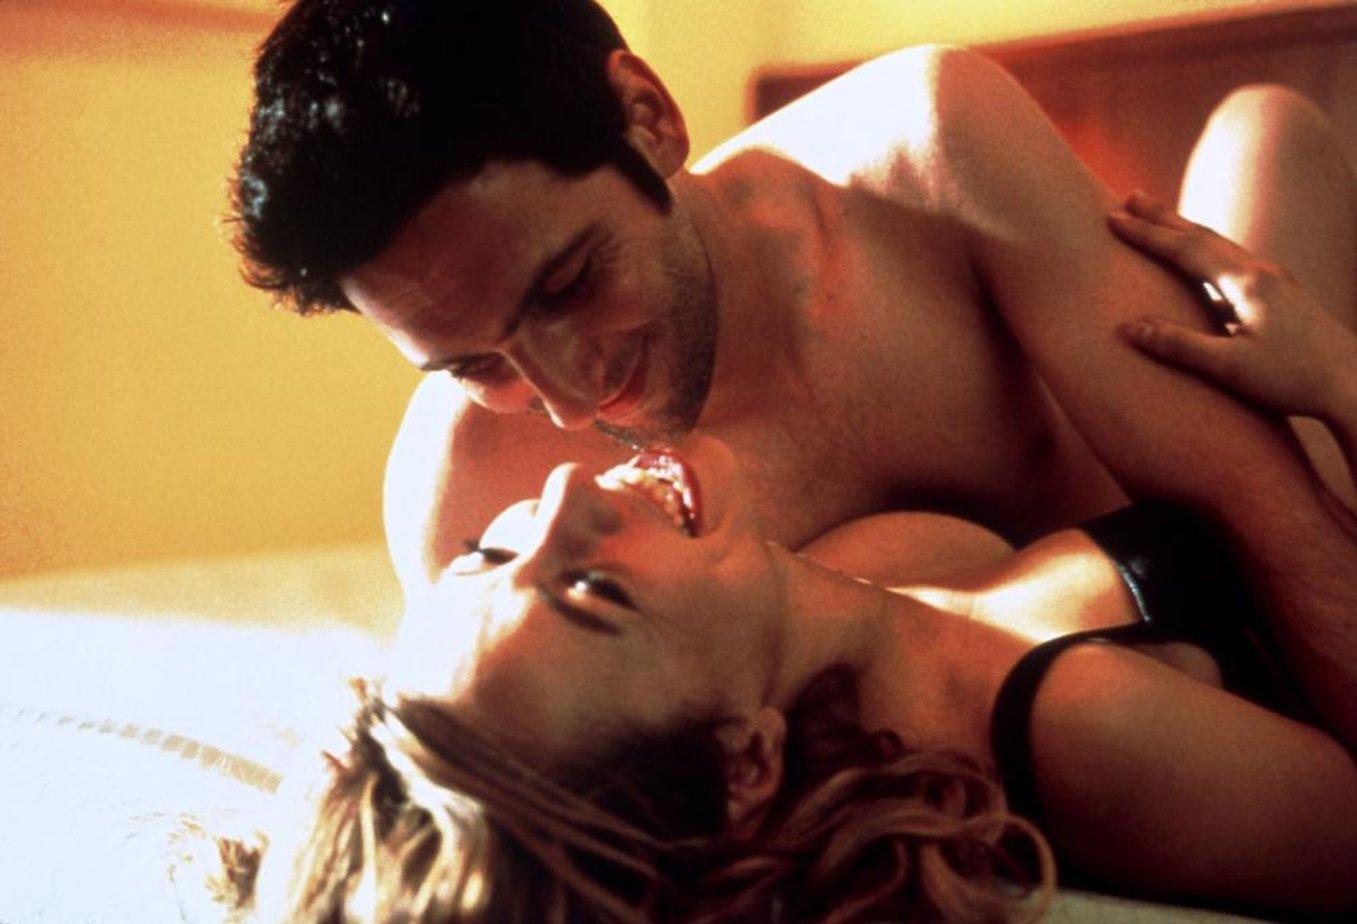 постели романтичная в кино страстная